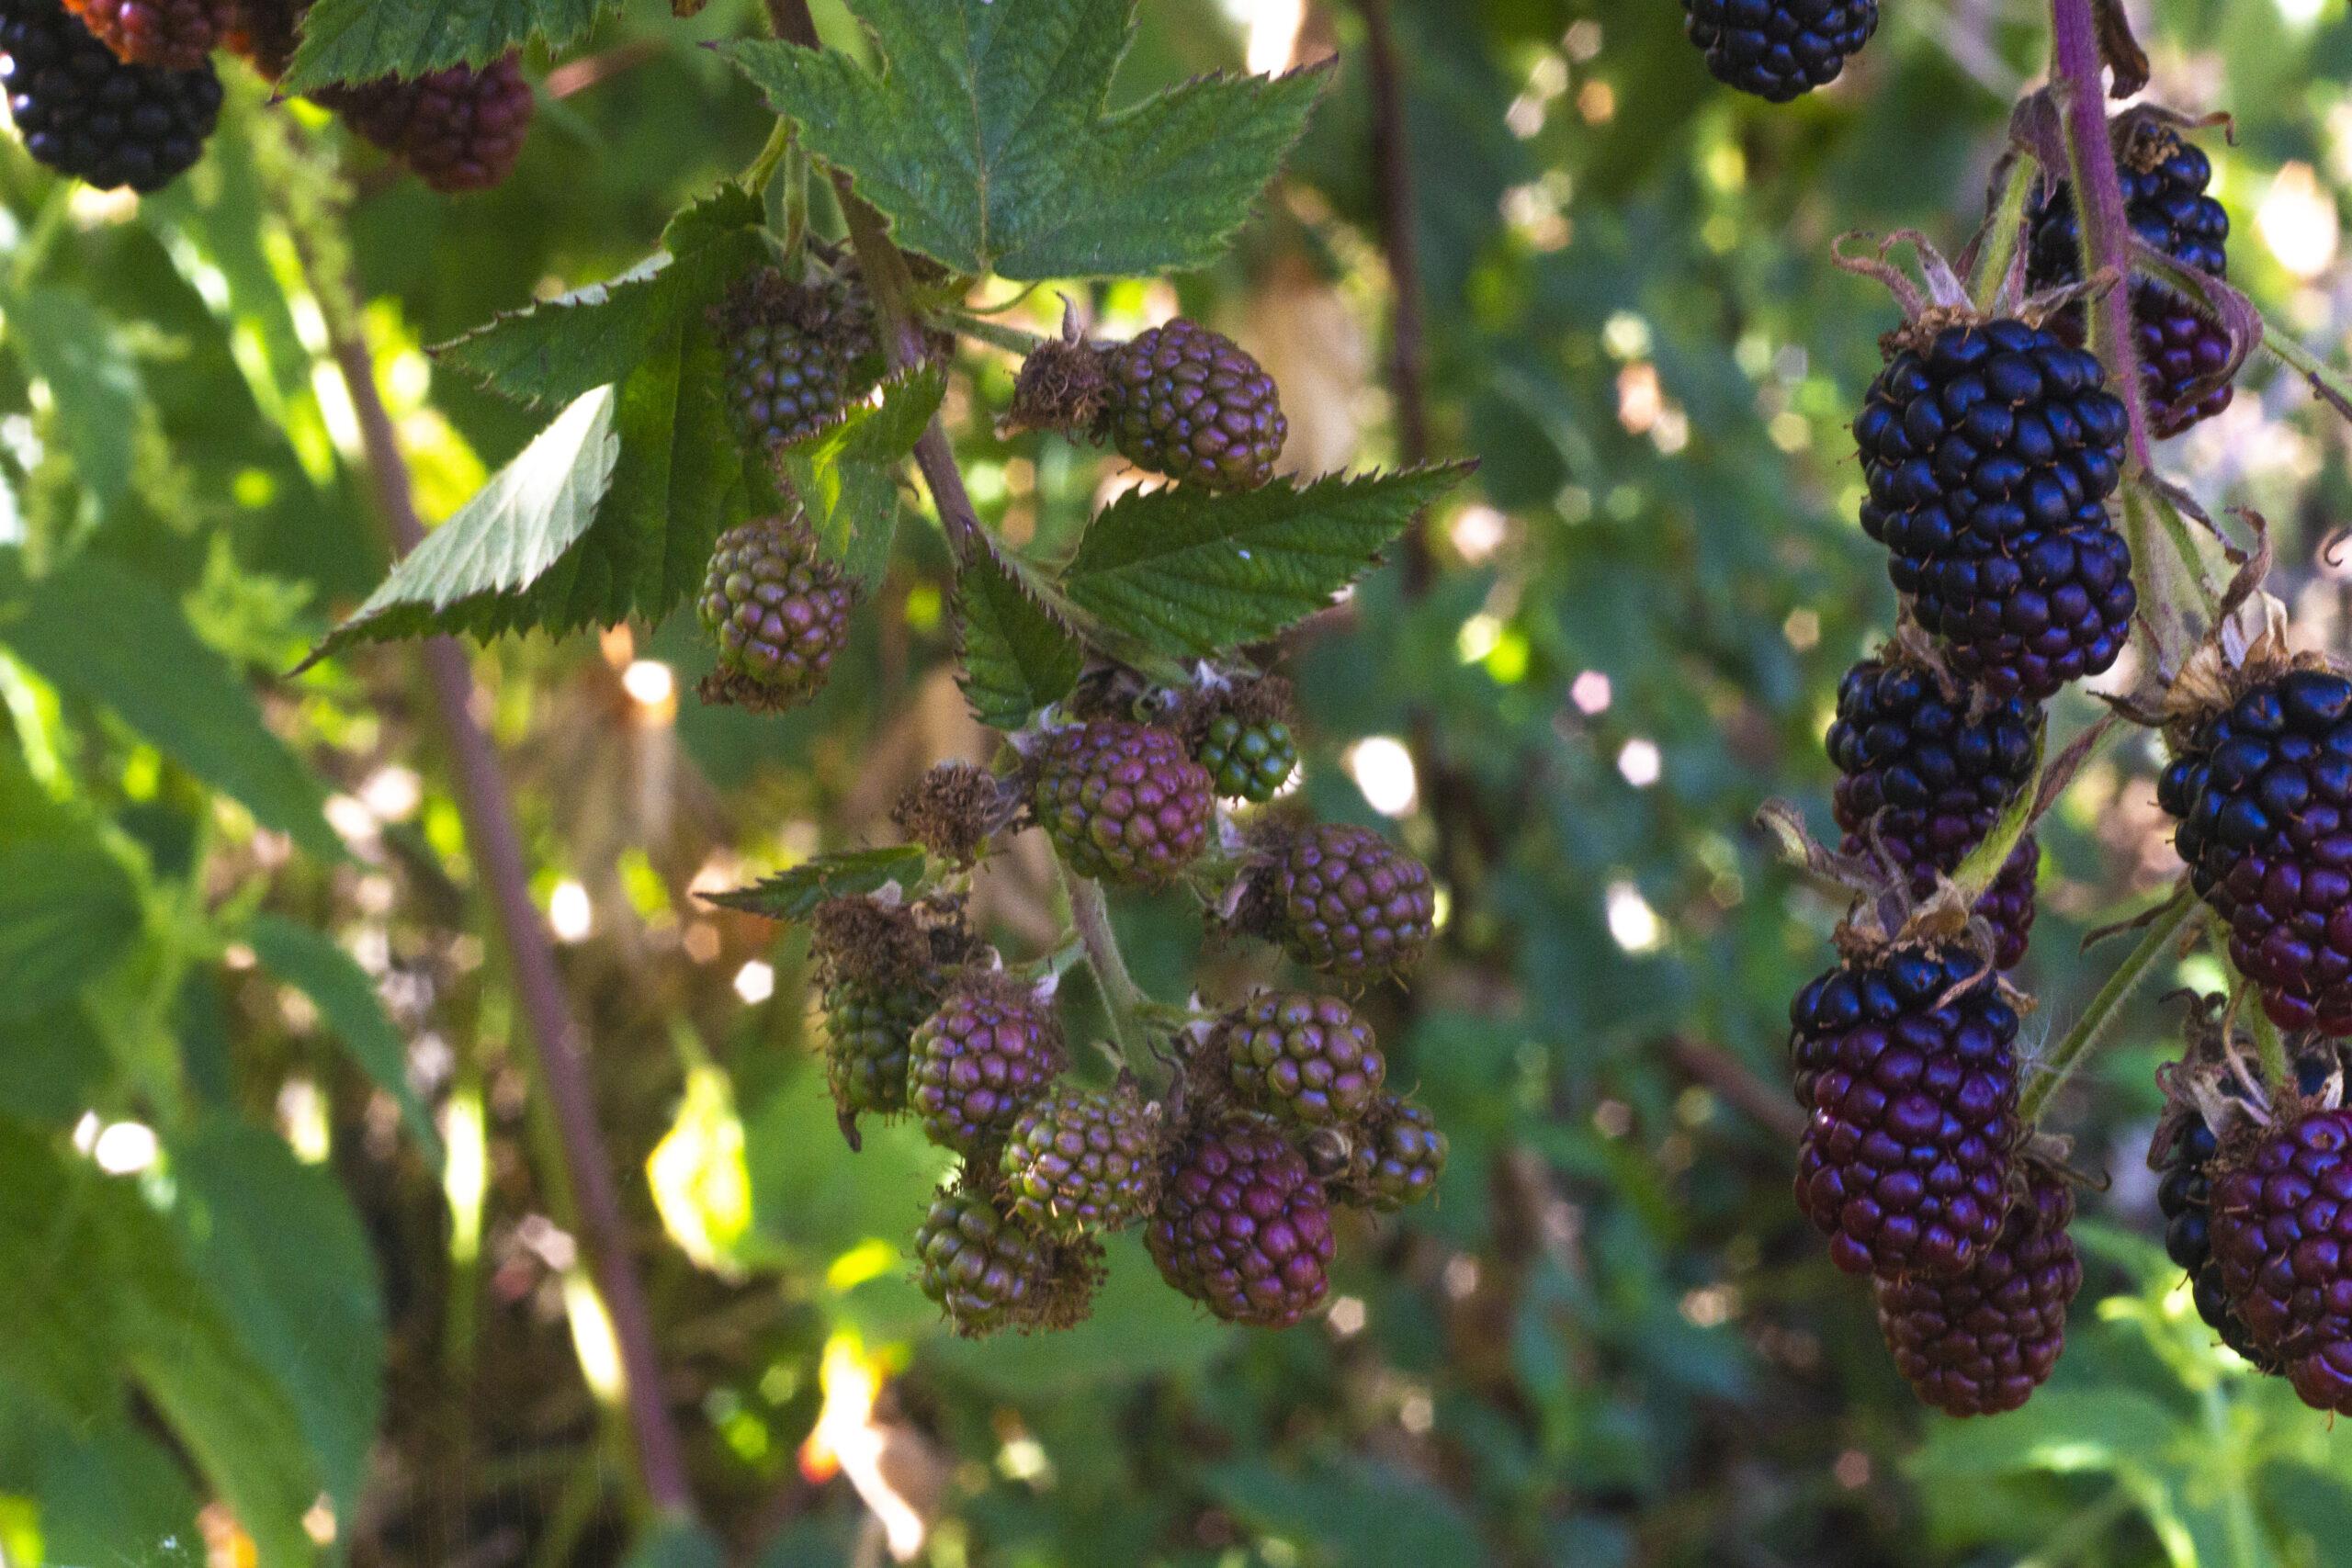 Brug frugthaven